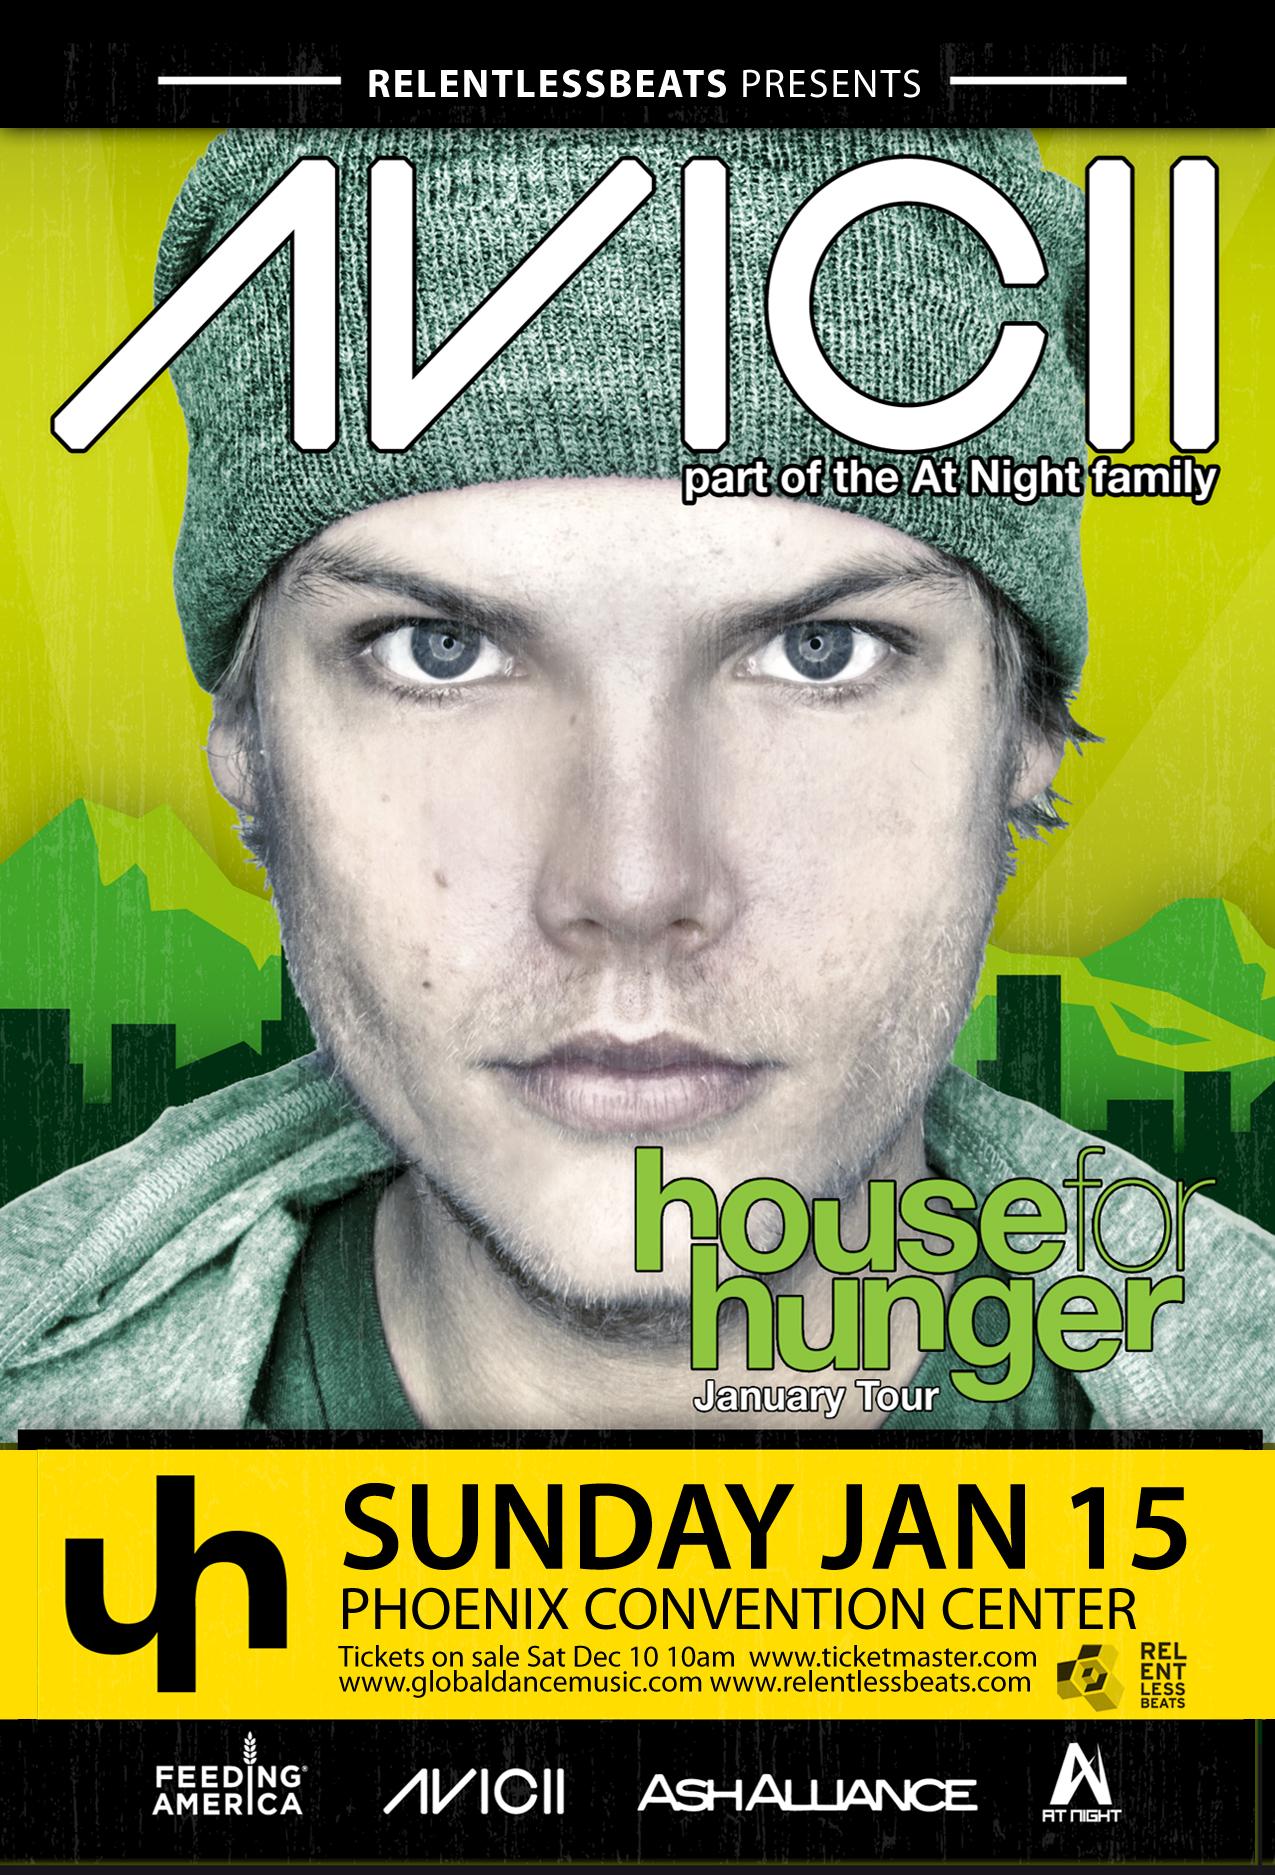 House for Hunger Tour ft. Avicii on 01/15/12